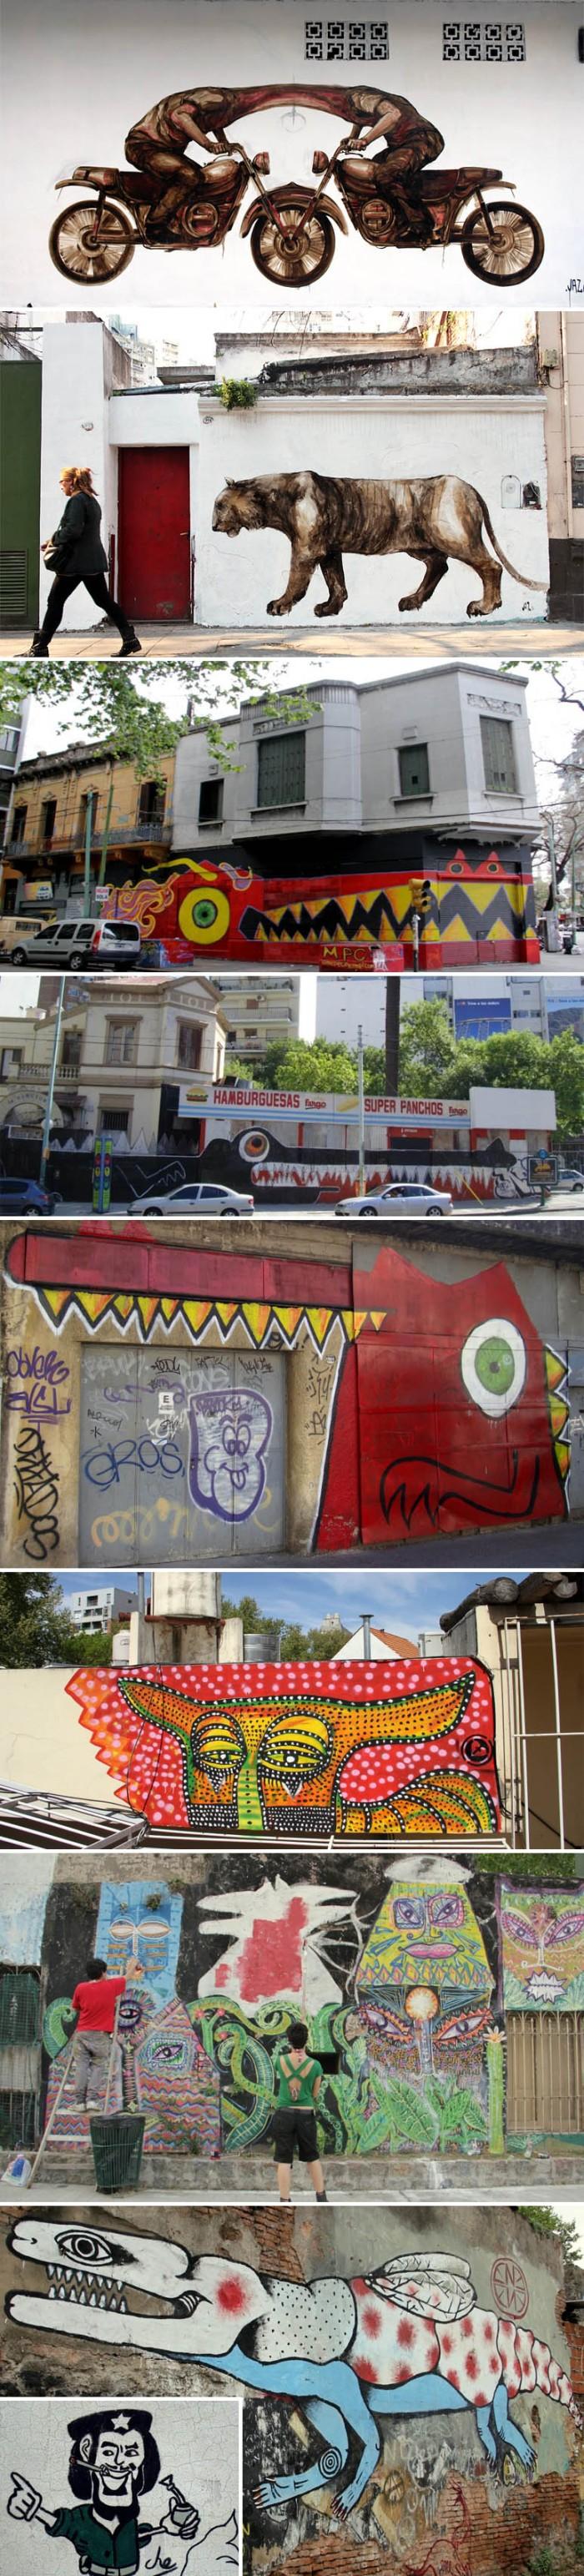 Street art, graffiti, Argentina, MPC, Jaz, Rodez, Malegria, Bixo, Ene Ene